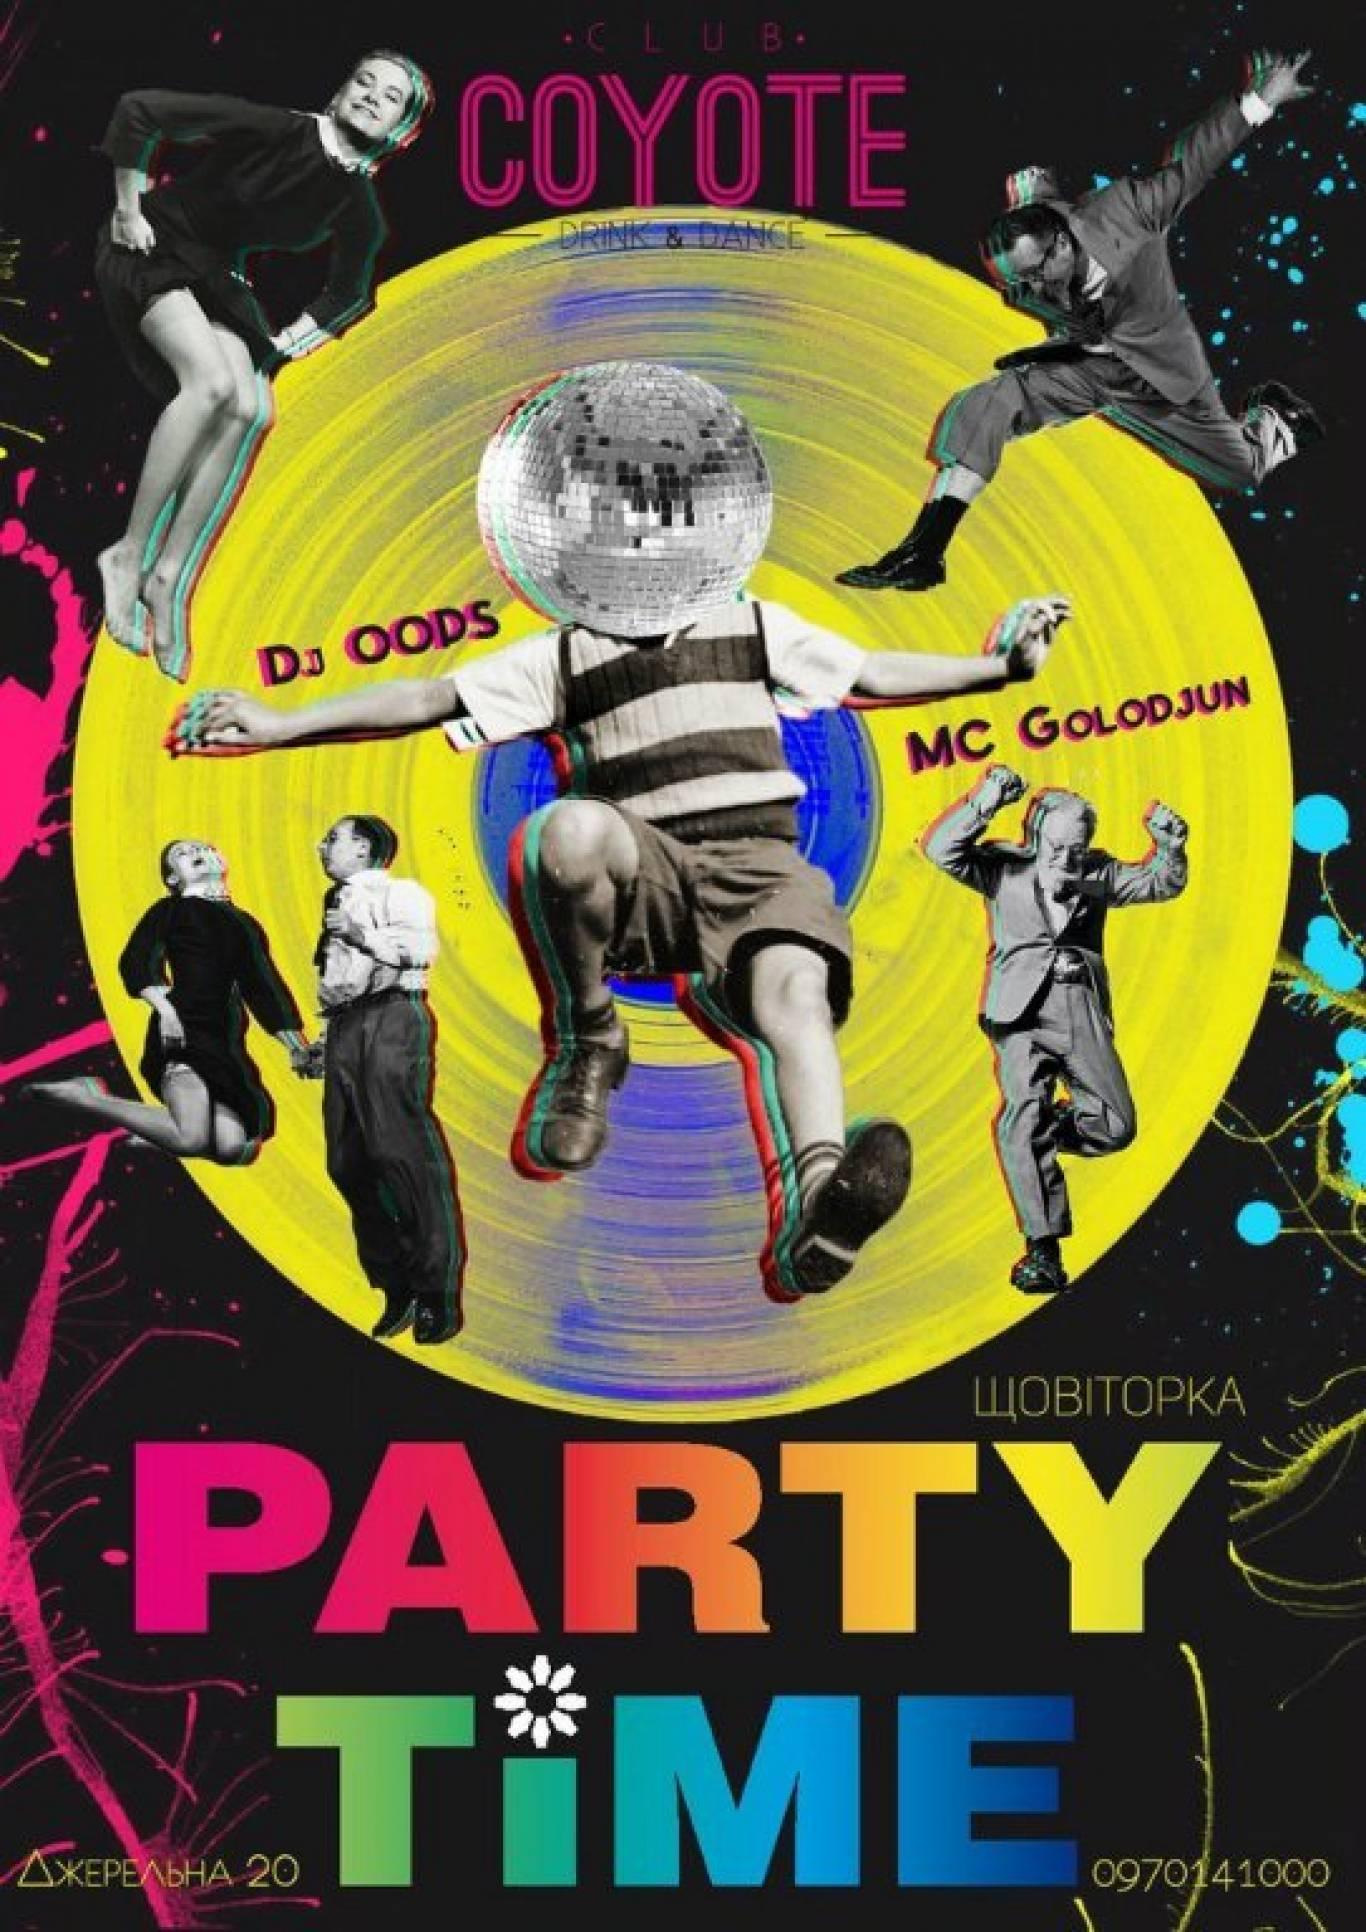 Запальна вечірка Party time